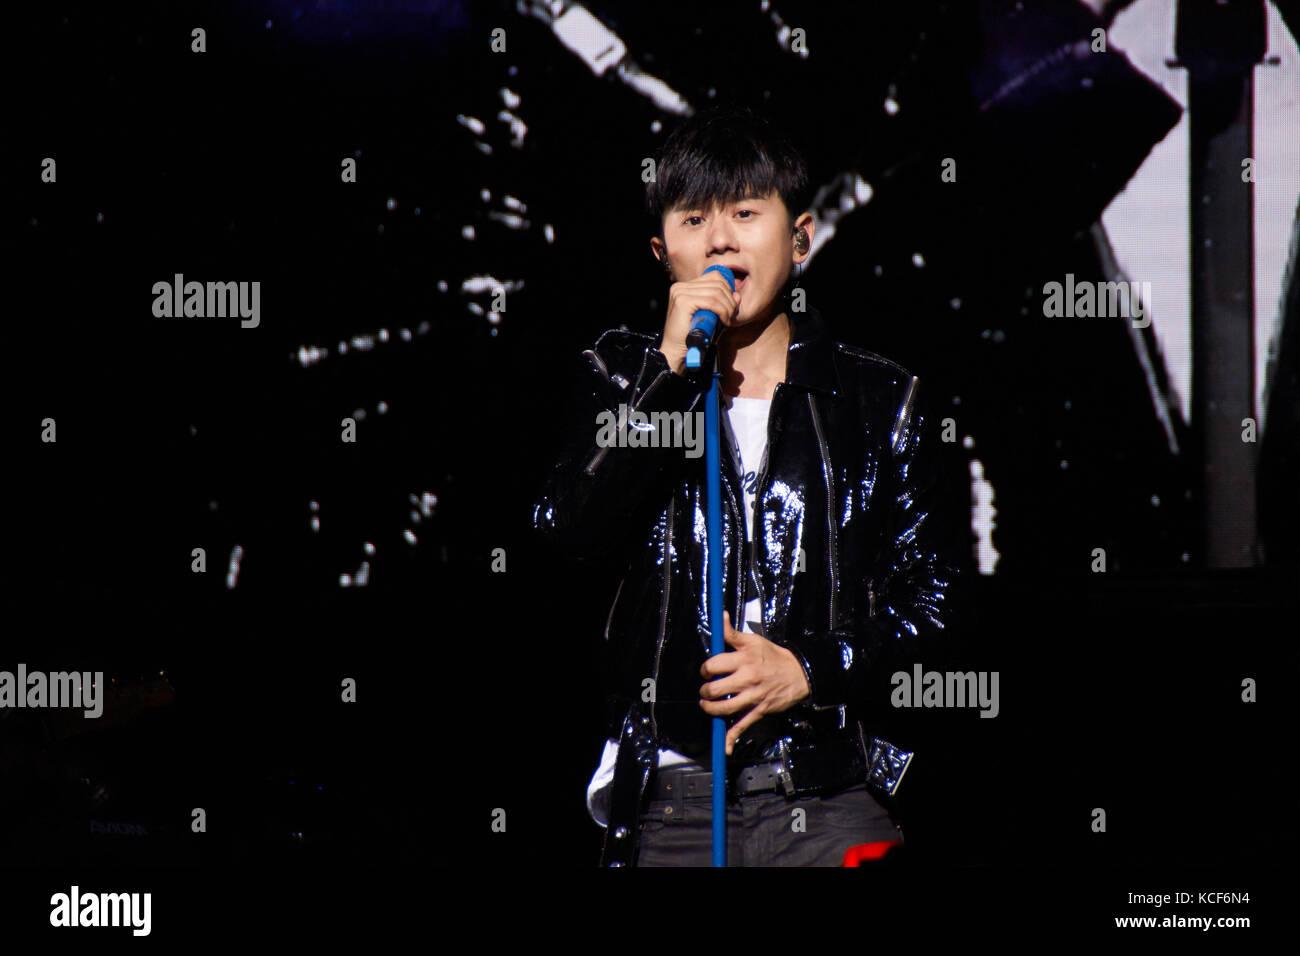 Londres, Reino Unido, 4 de octubre de 2017. zhang jie concierto en el o2 indigo como parte del sonido de mi corazón world tour. Crédito: calvin tan/alamy live news Foto de stock